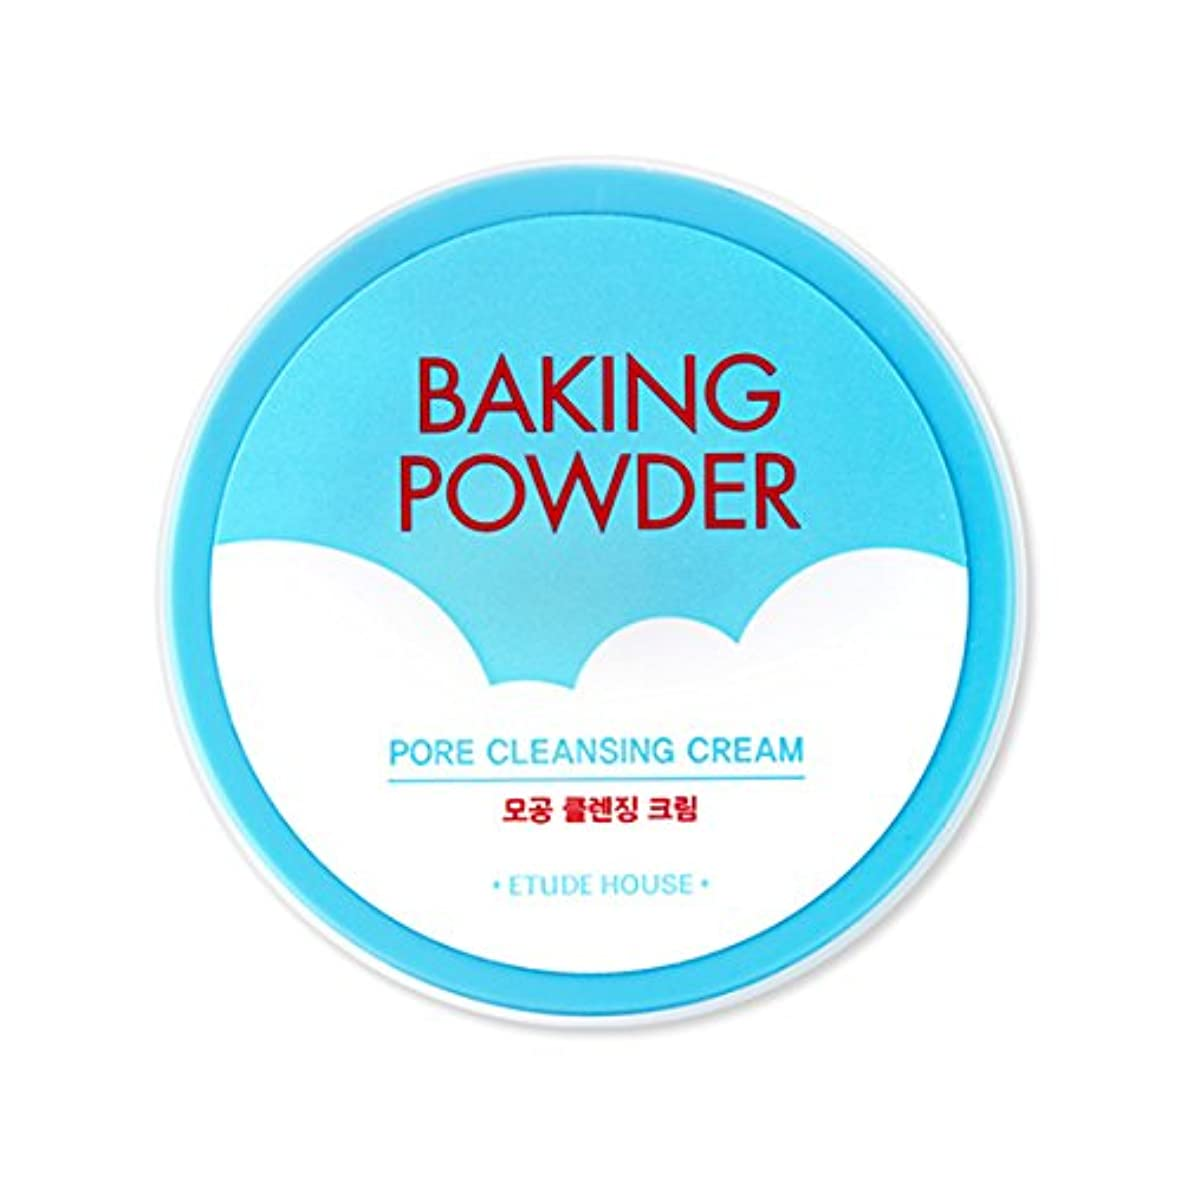 殺人者ぐったり適度に[2016 Upgrade!] ETUDE HOUSE Baking Powder Pore Cleansing Cream 180ml/エチュードハウス ベーキング パウダー ポア クレンジング クリーム 180ml...